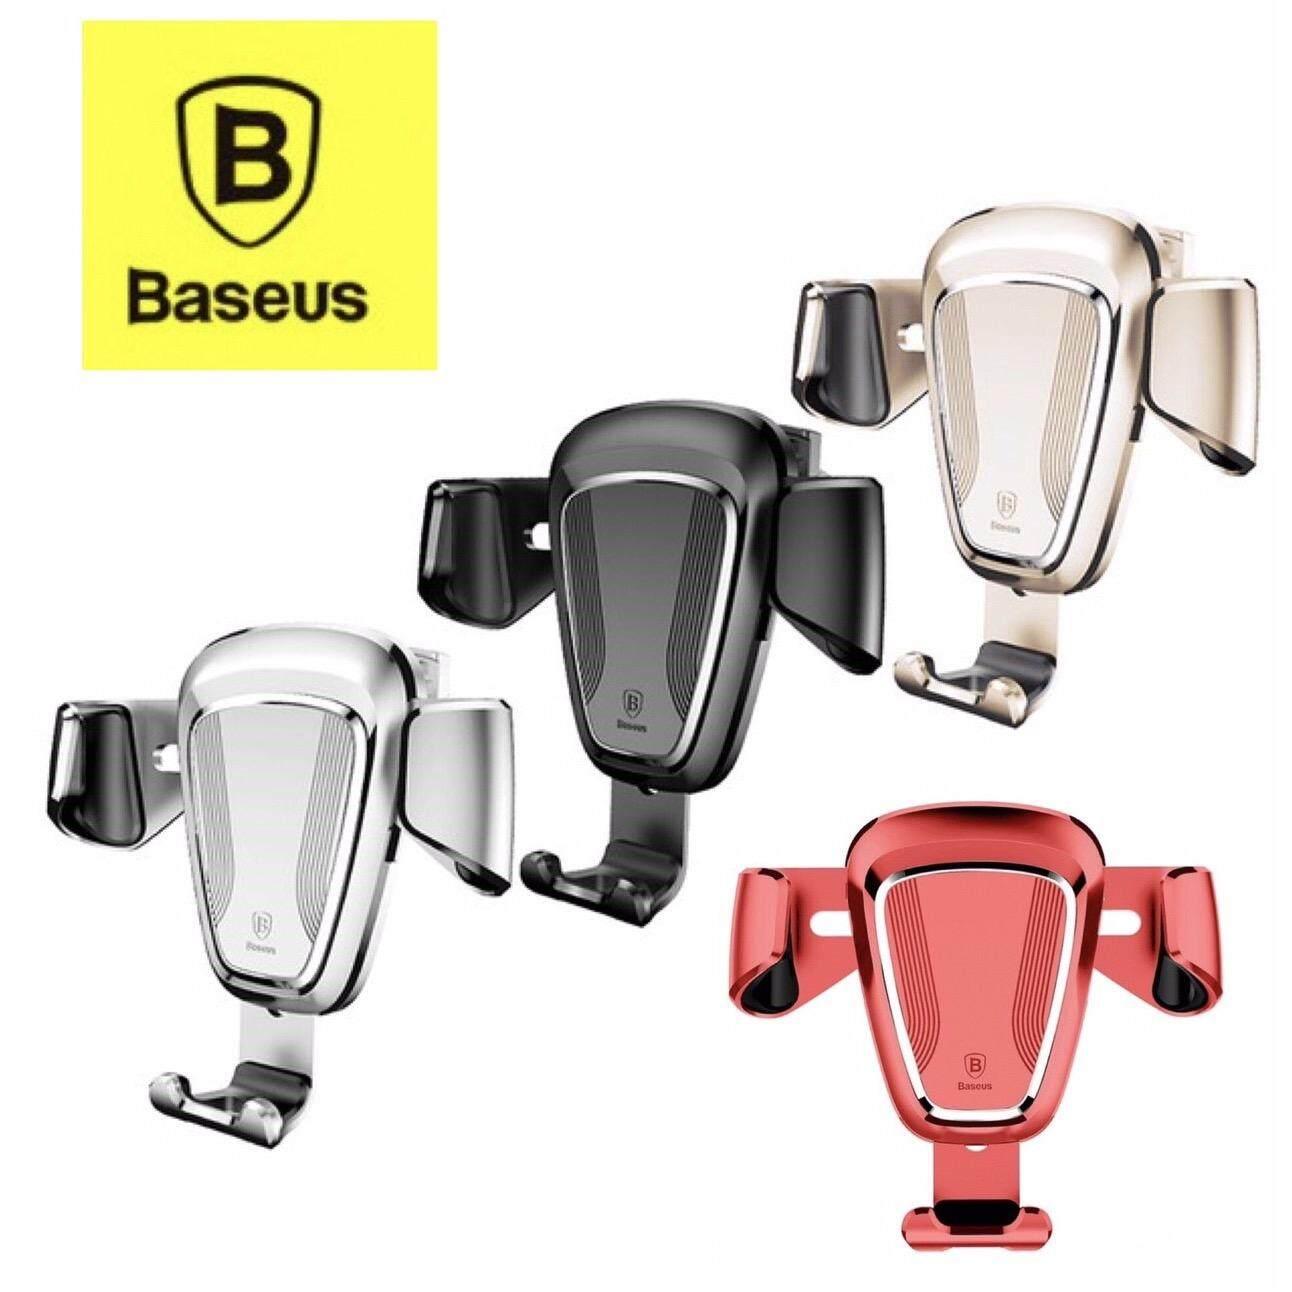 ราคา Baseus ที่ยึดมือถือในรถ Car Mobile All 2 In 1 Suyl 01 สำหรับมือถือ Smartphone ทุกรุ่น Baseus ออนไลน์